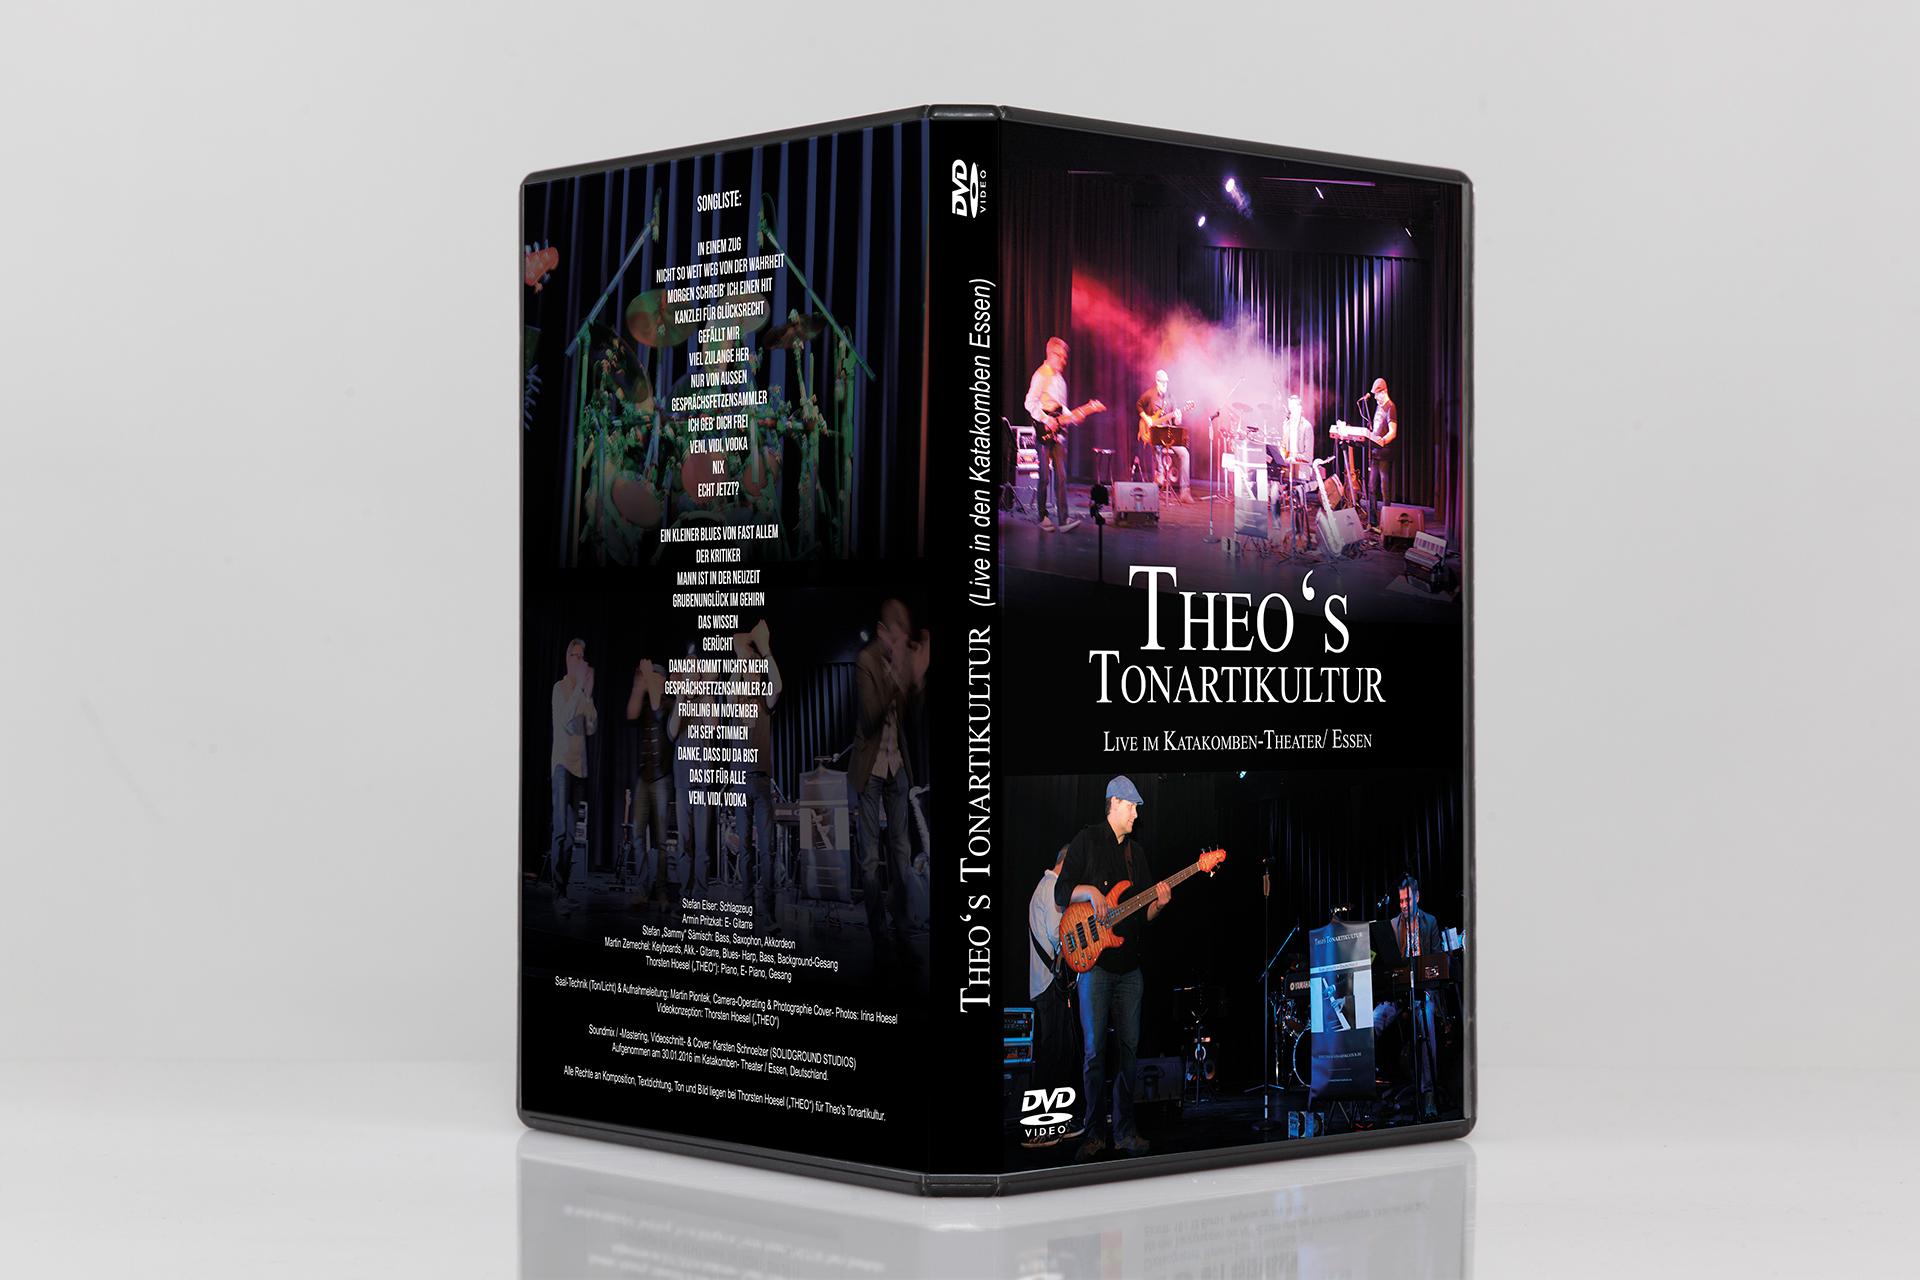 DVD Tonartikultur